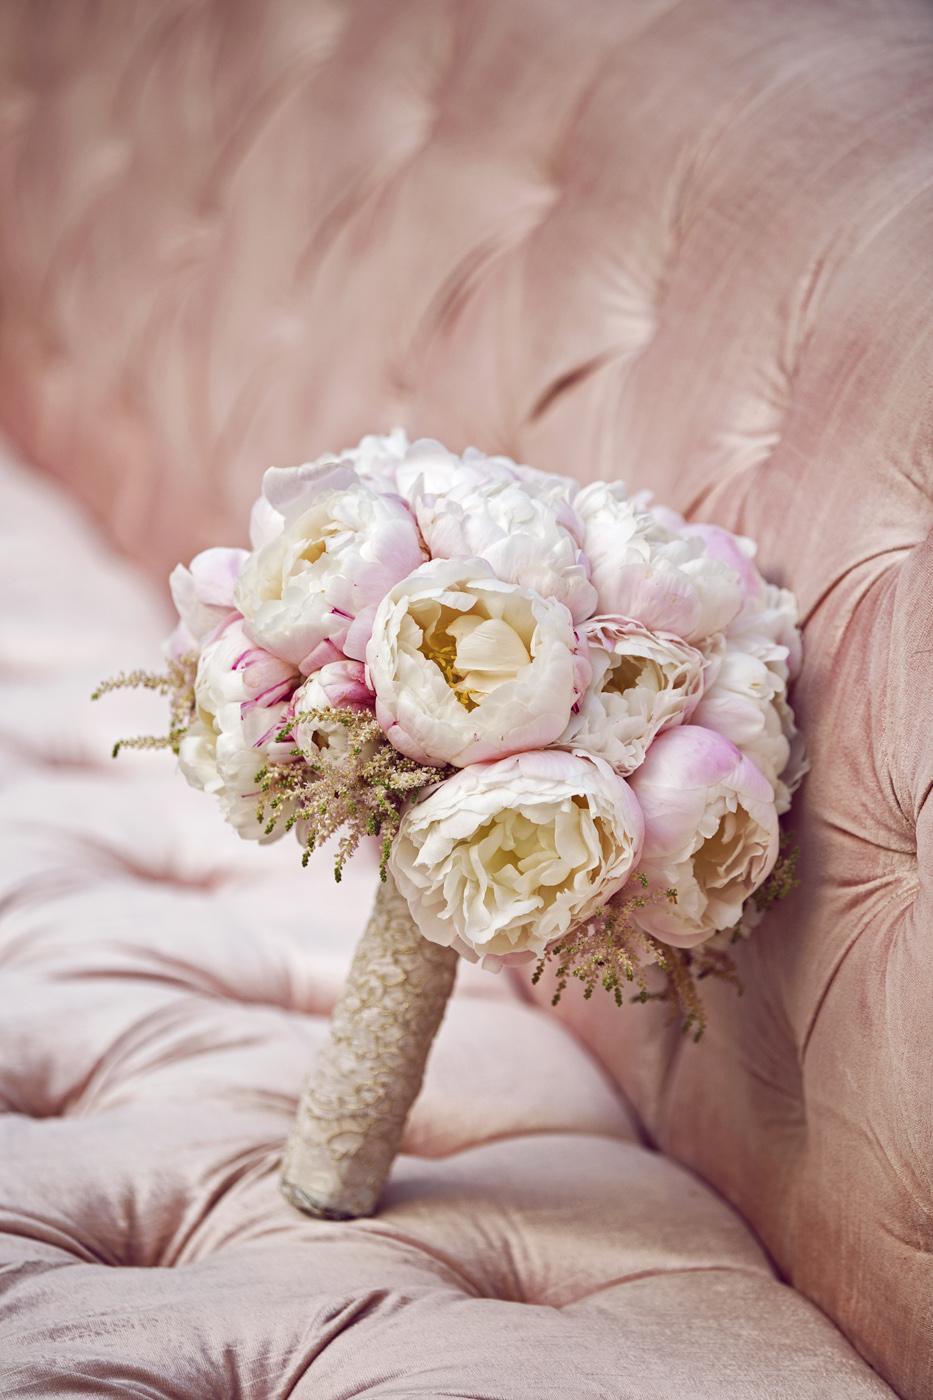 045_DukePhotography_DukeImages_Wedding_Details.jpg